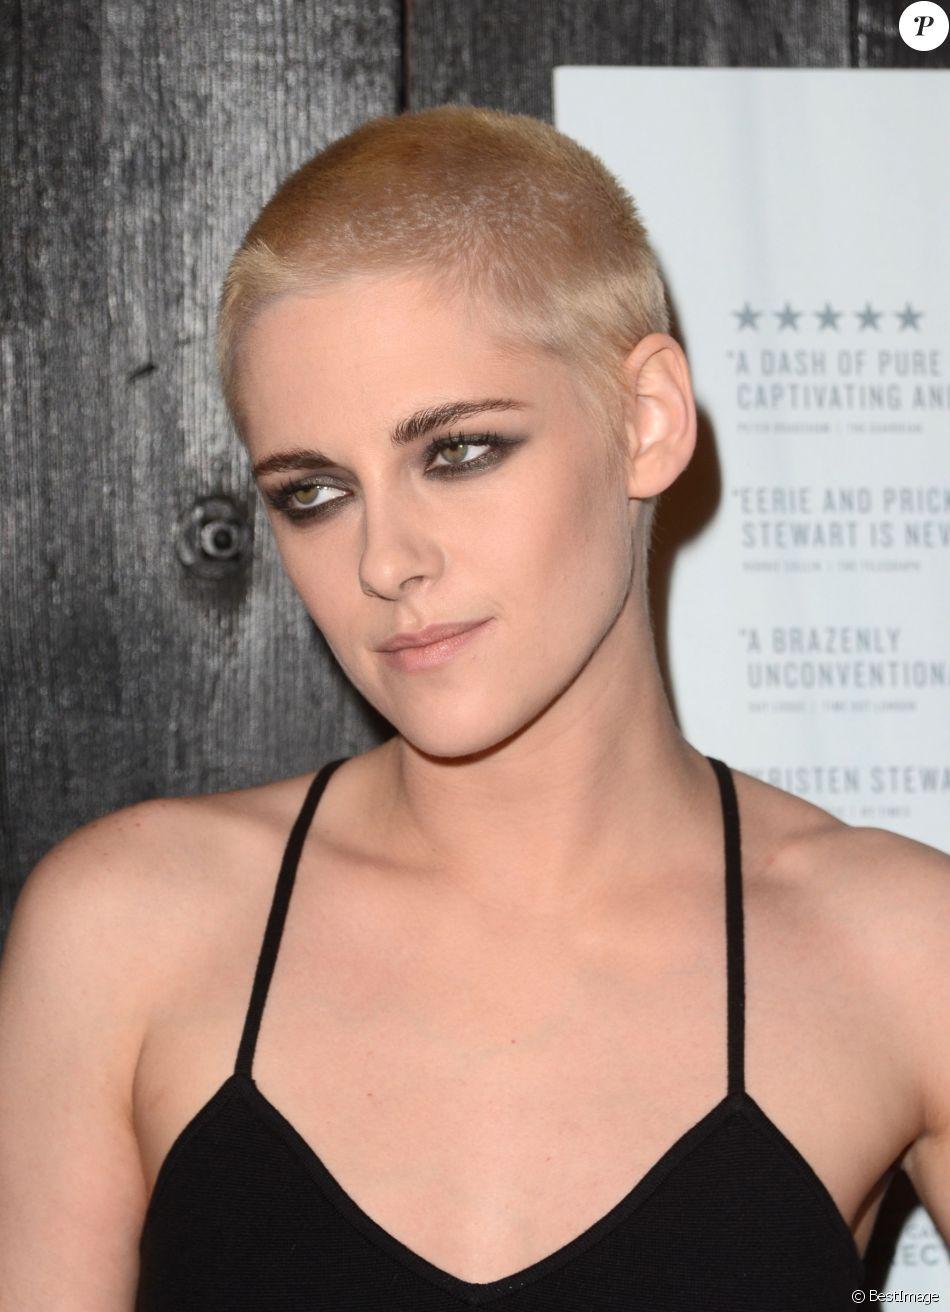 Kristen stewart arbore une coupe de cheveux blond platine tr s courte la premi re du film - Coupe tres courte blonde ...